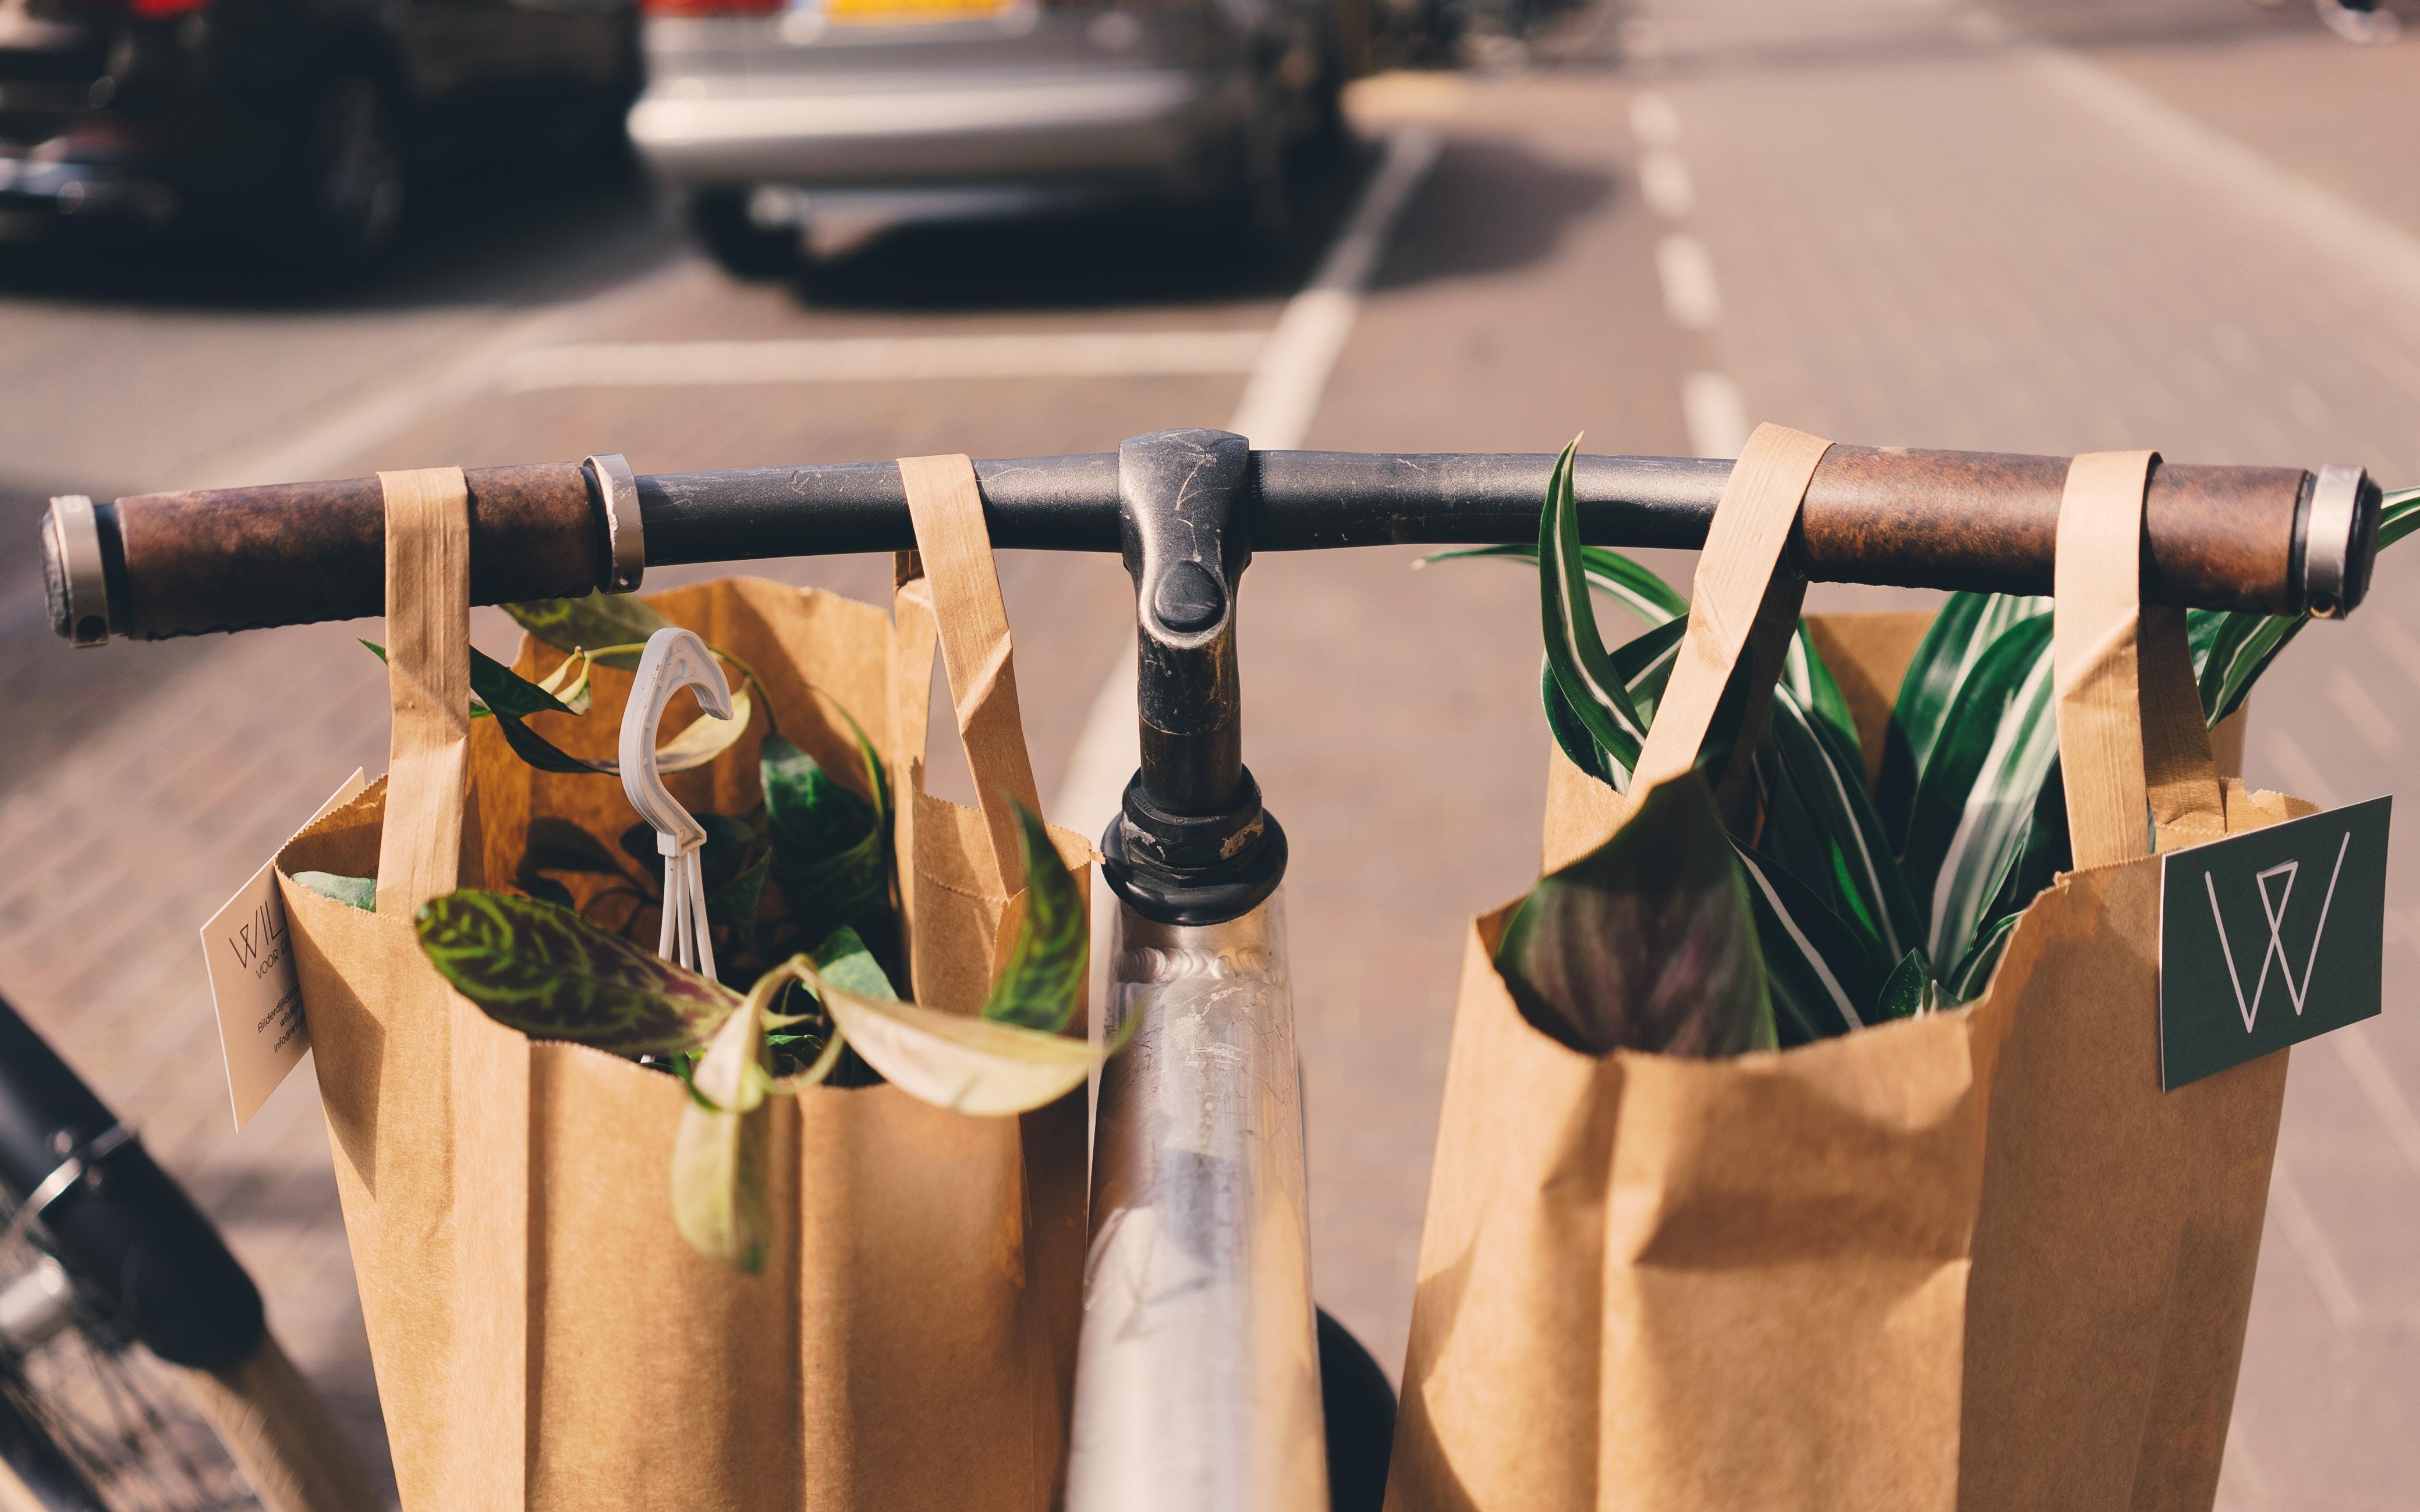 Fahrradlenker mit Einkaufstaschen